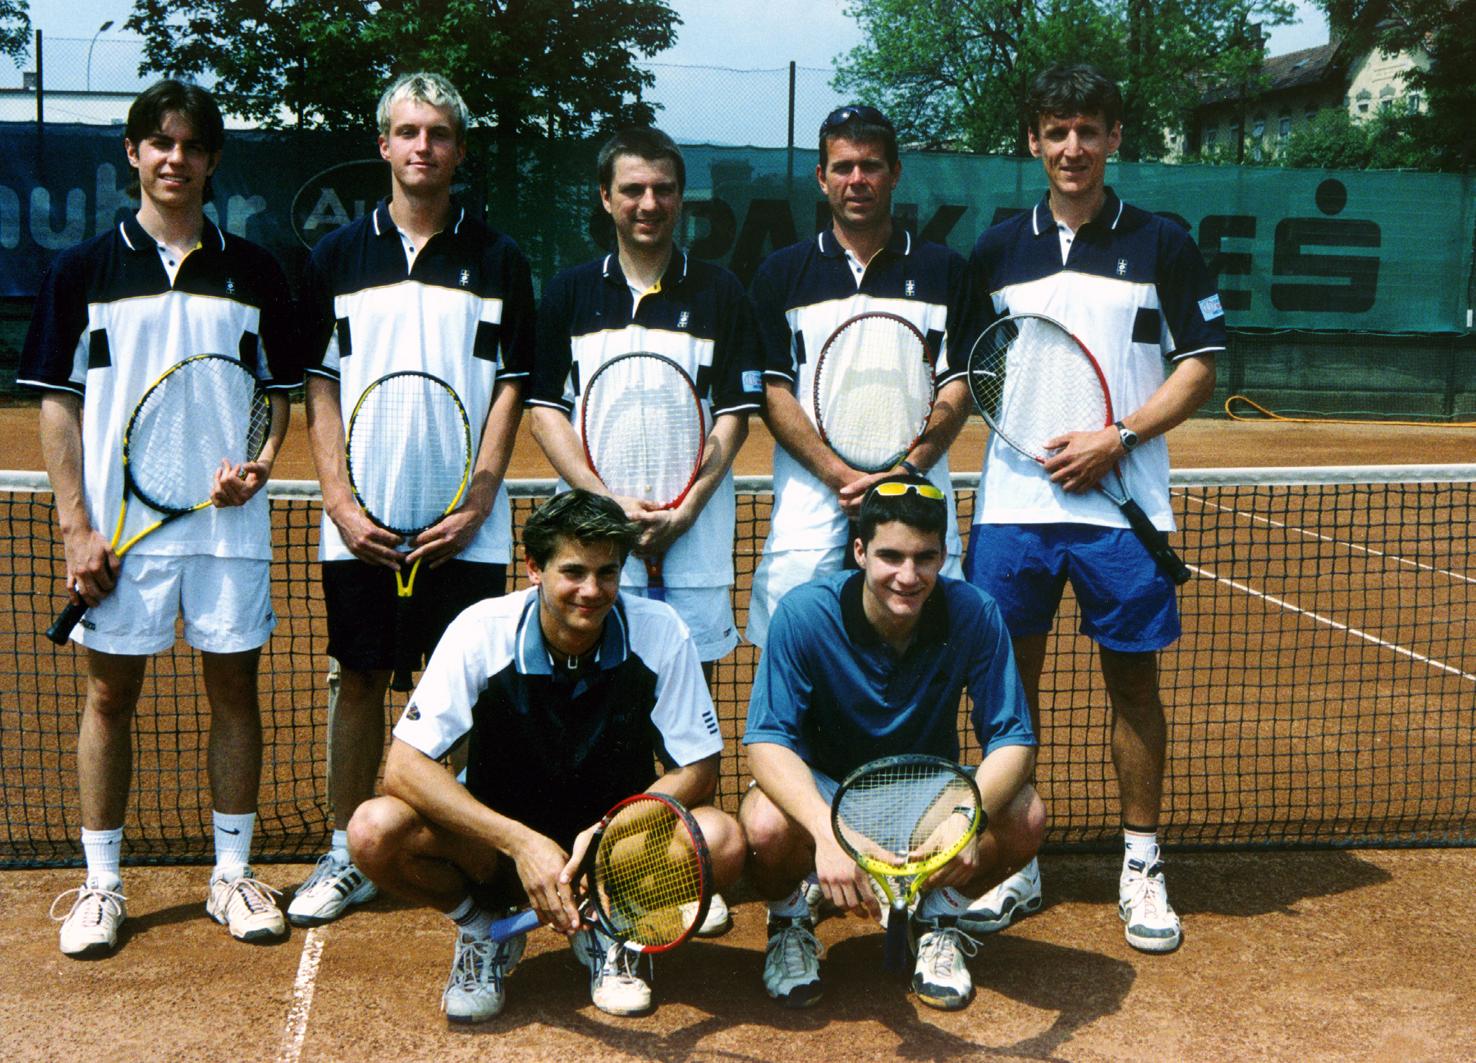 LL-Mannschaft 2002: stehend von li: Pruschak, Sumka, Wutzl, Schönowitz, Mayer, hockend von li: Nowak, Kraiger